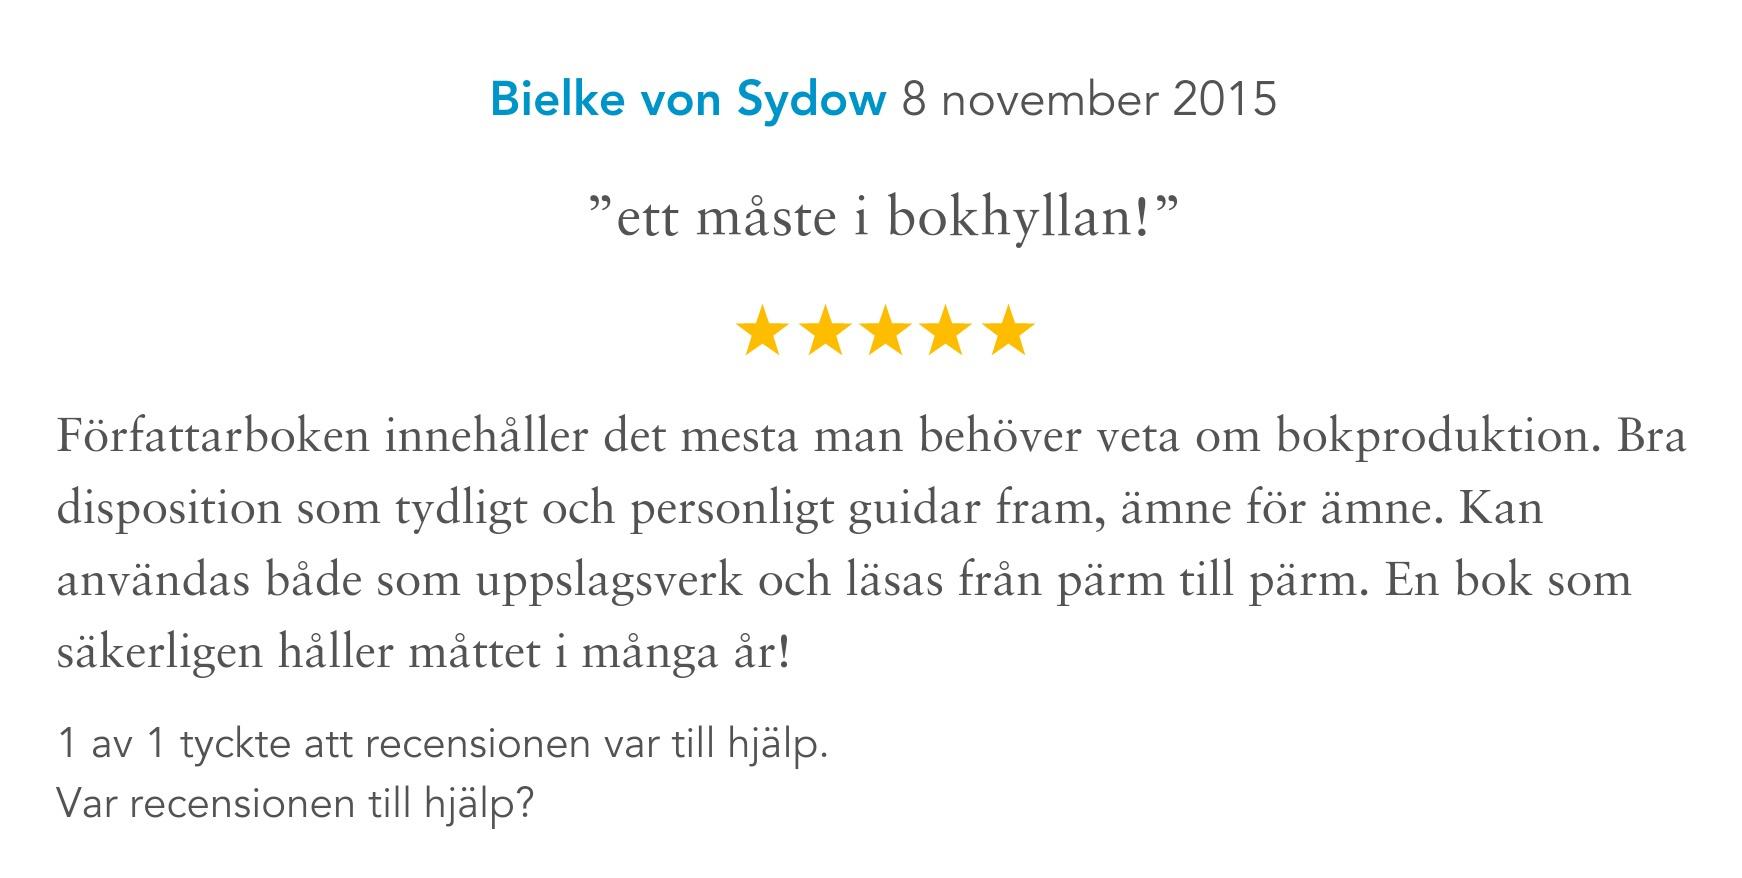 forfattarboken-kundbetyg-bokus-bielke-von-sydow